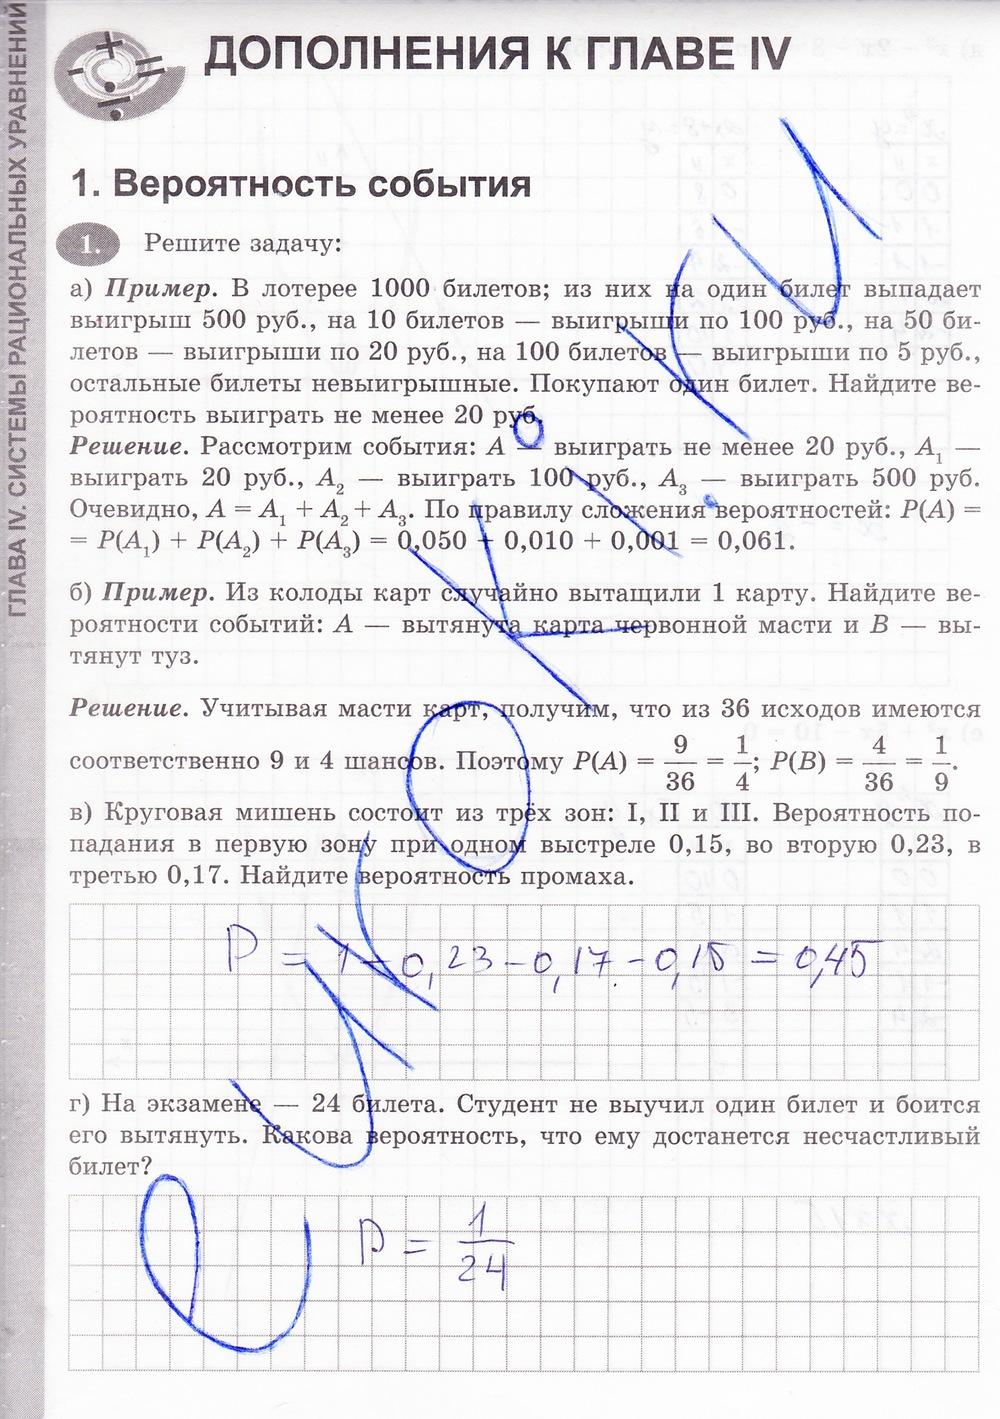 учебнику гдз 8 по класс никольского